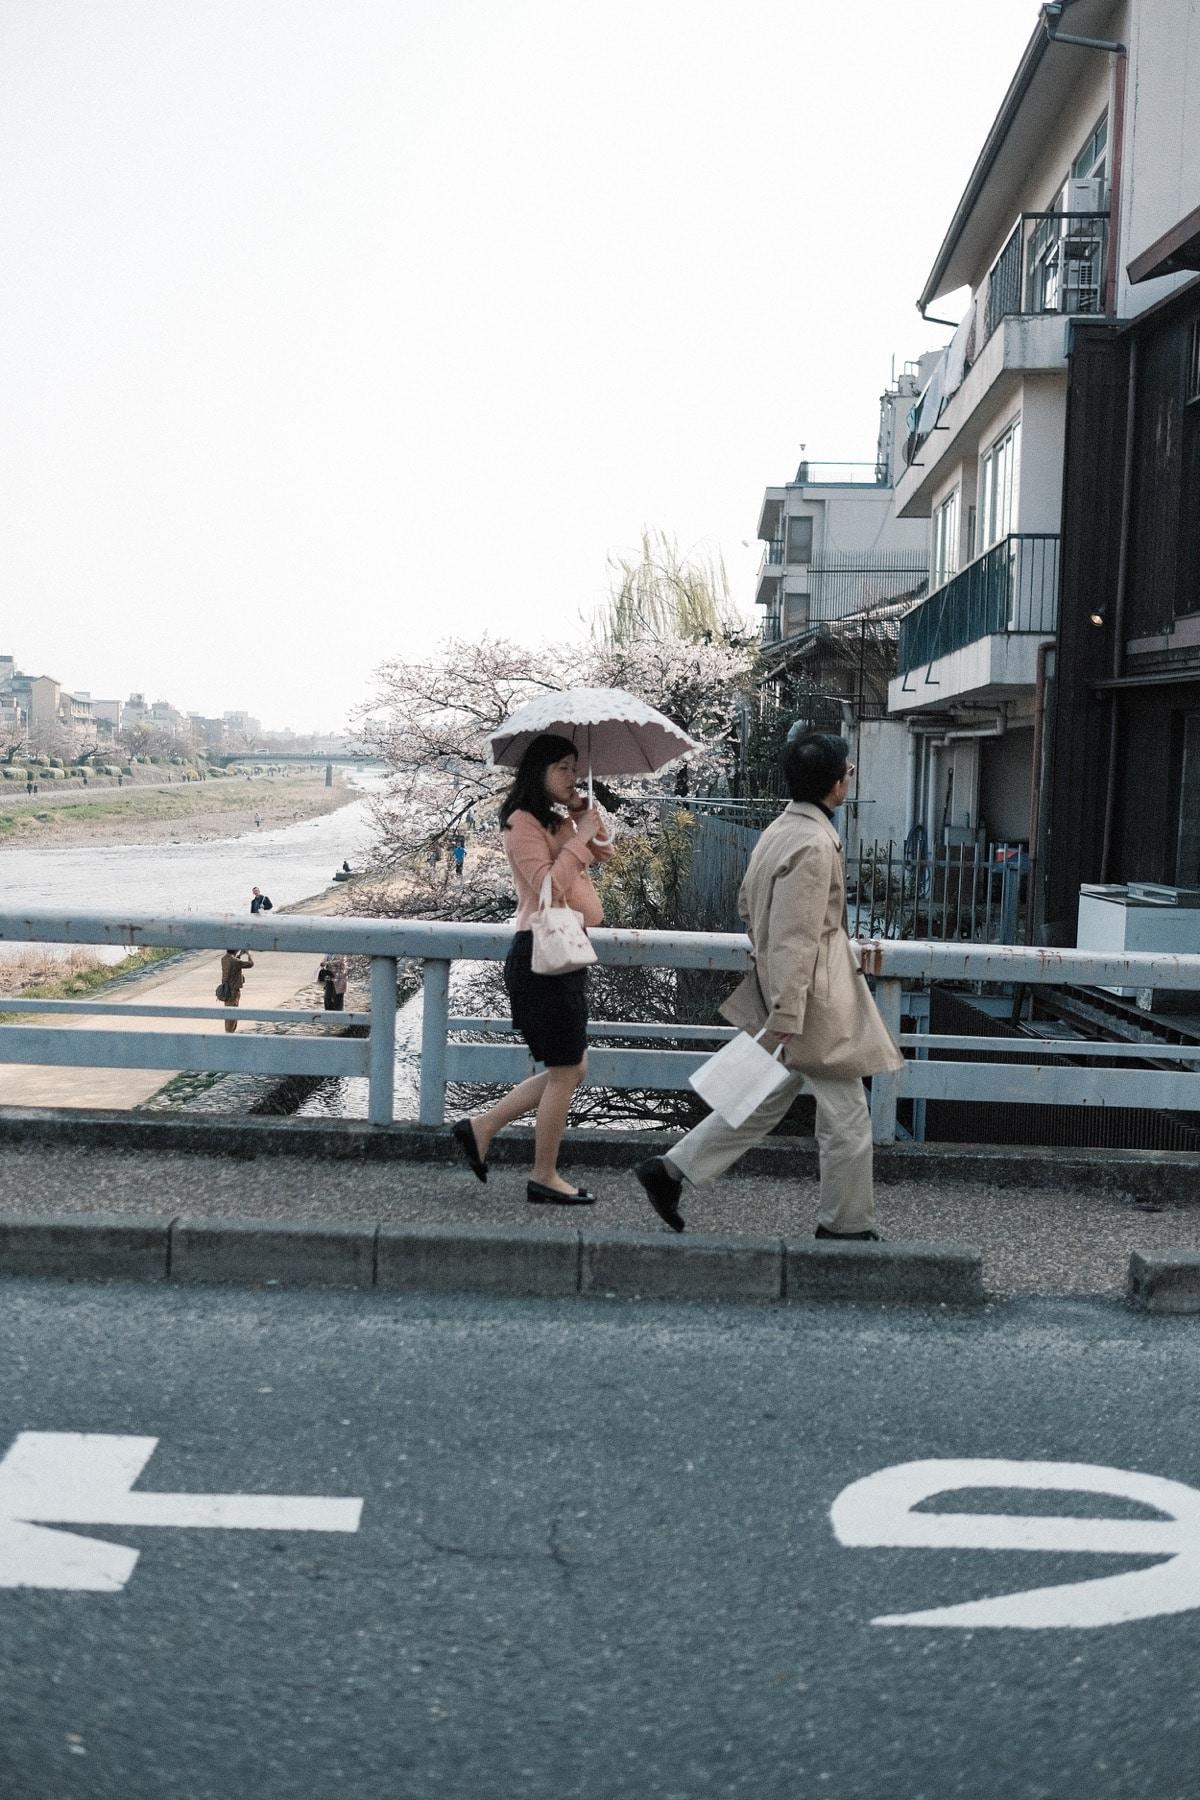 Kinlake-Kyoto-Lifestyle-2018-7110